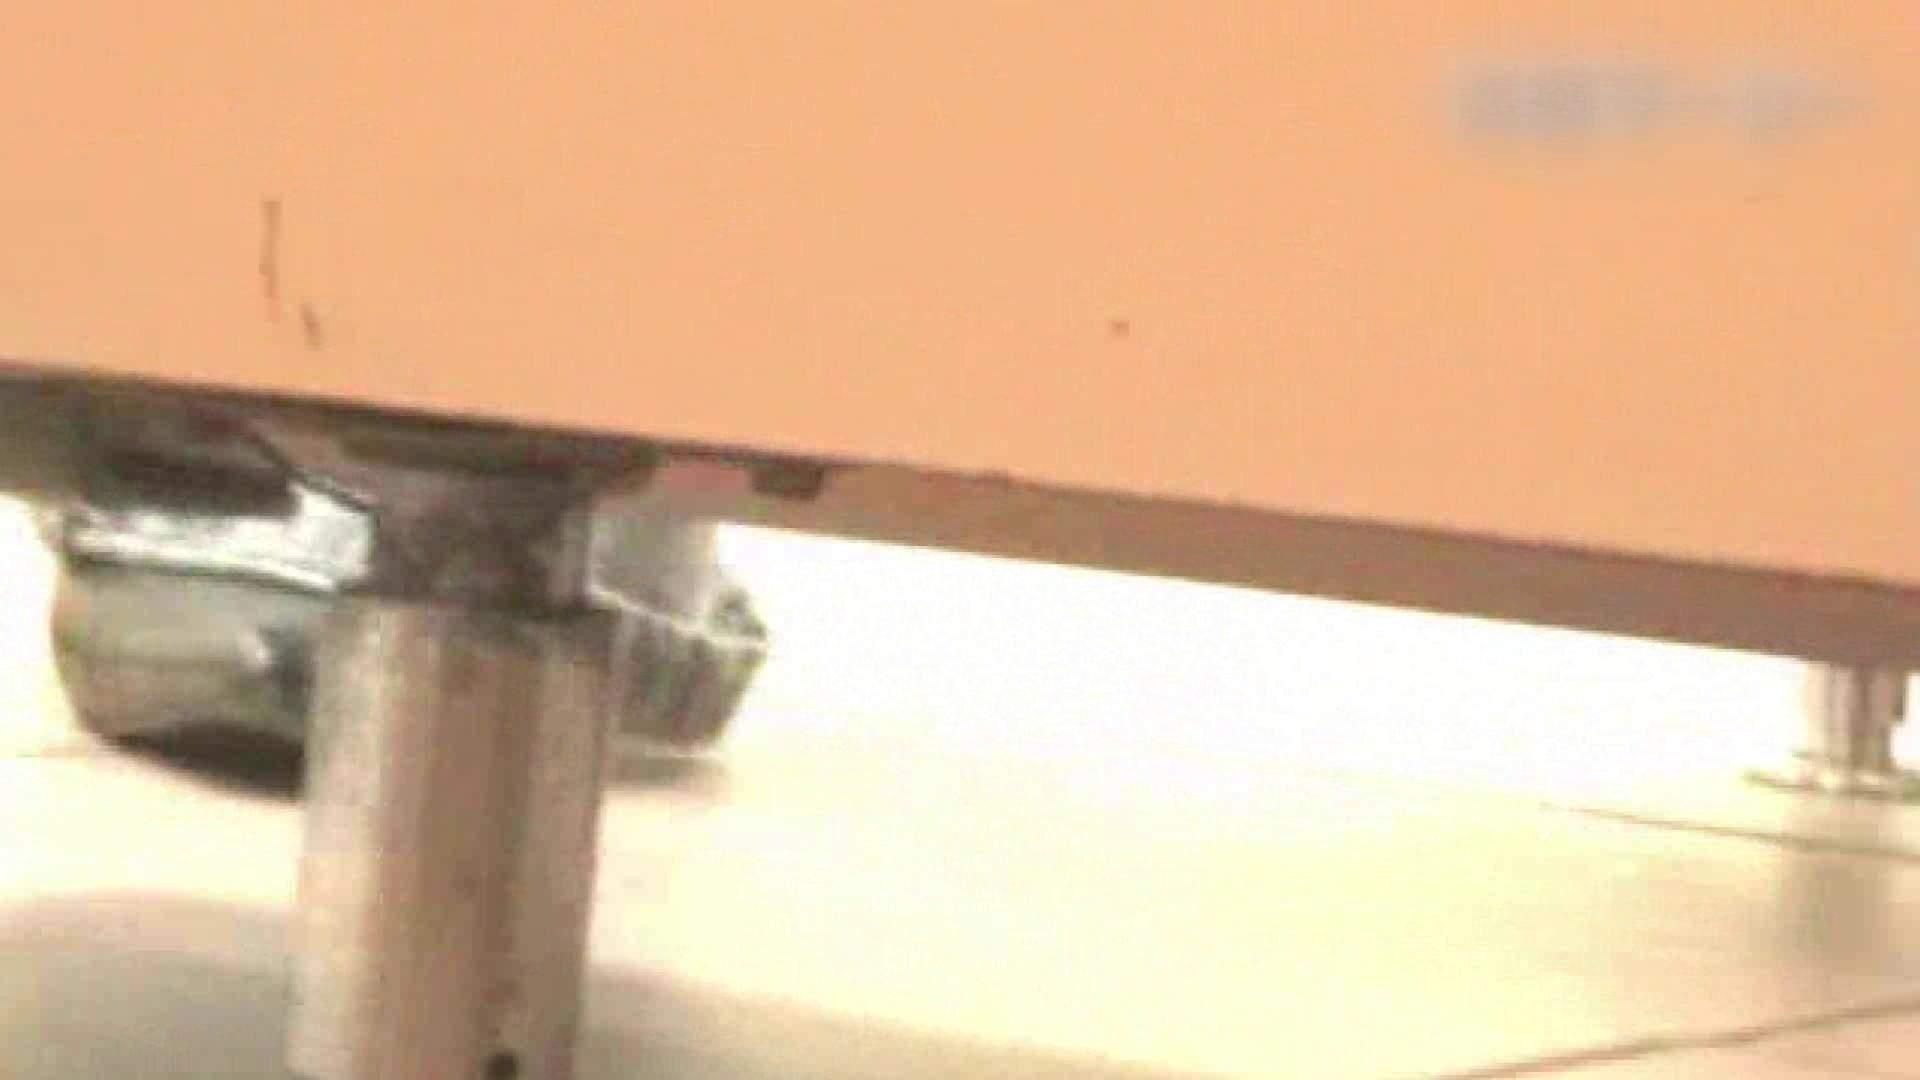 ロックハンドさんの盗撮記録File.04 マンコ・ムレムレ 覗きおまんこ画像 90pic 44